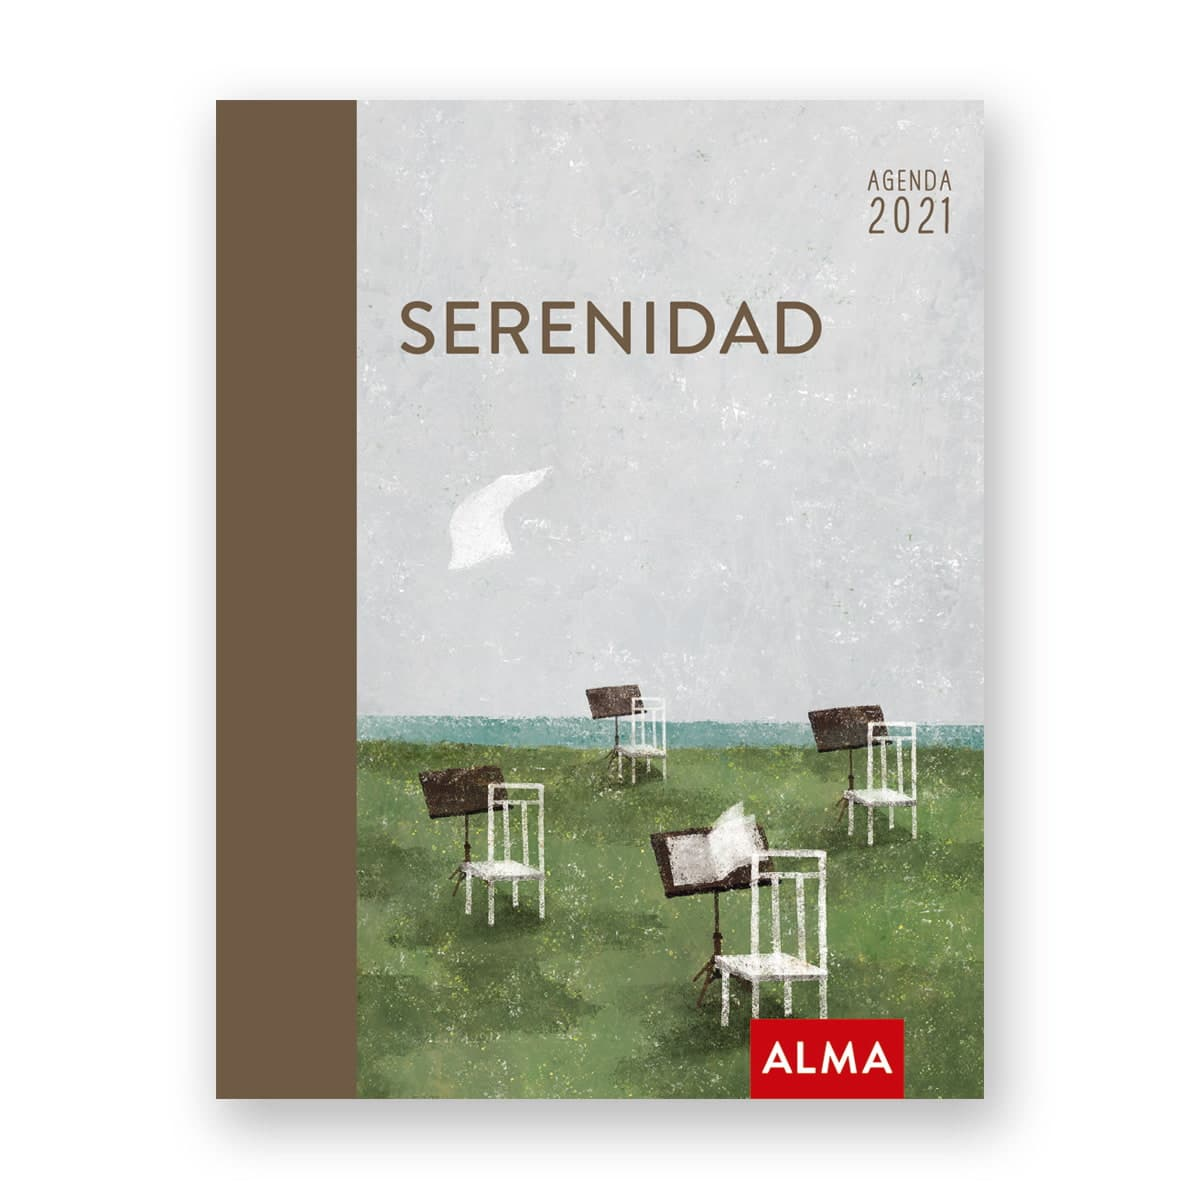 Agenda Serenidad 2021